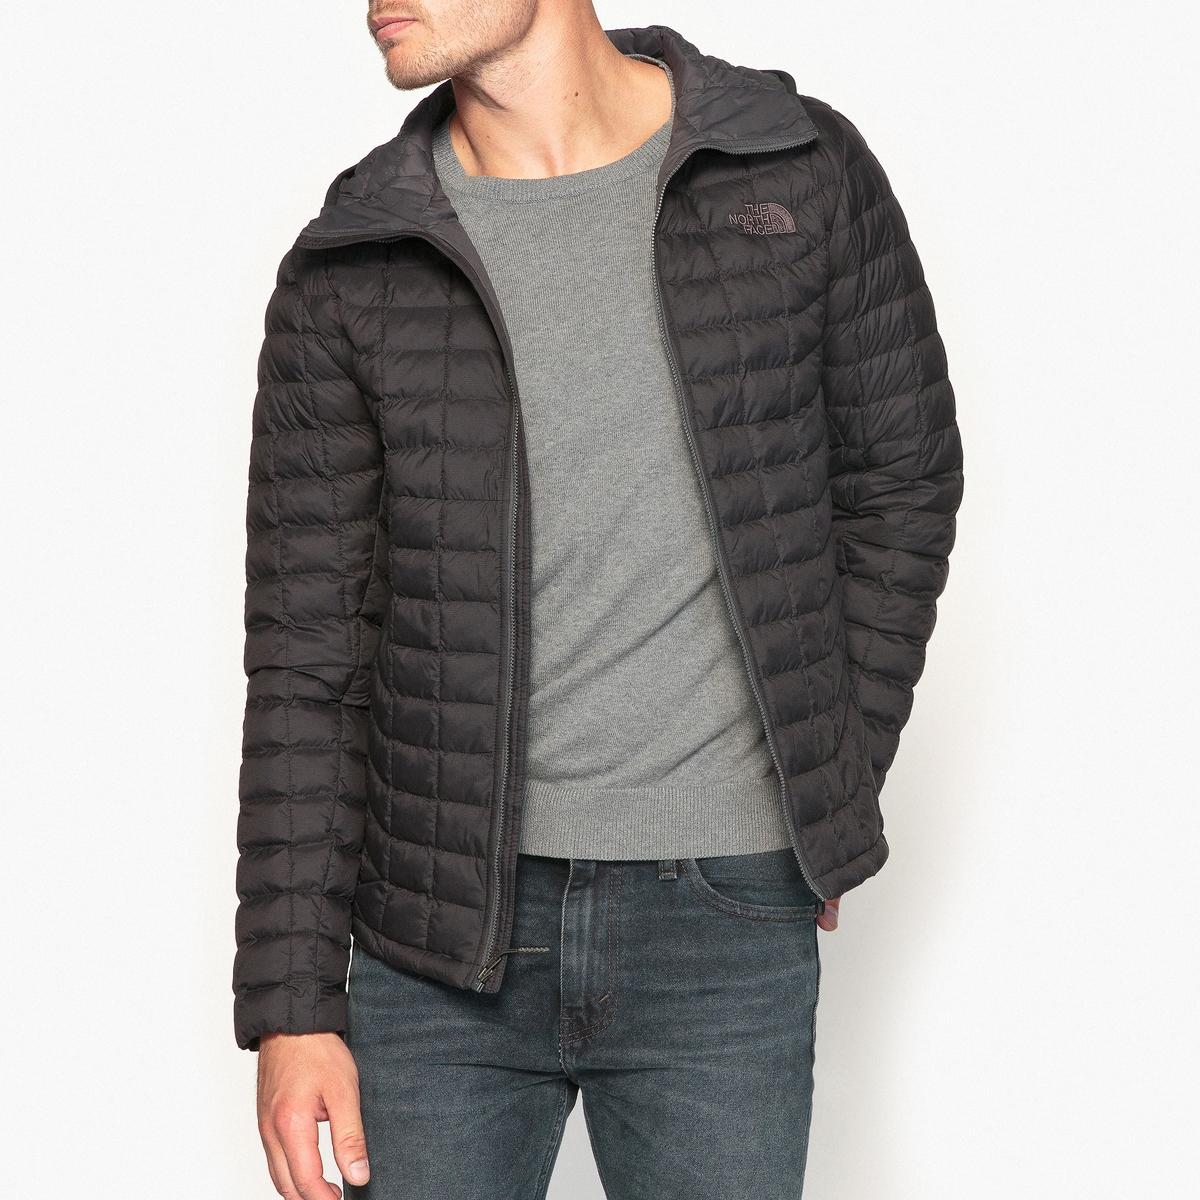 Куртка короткая с капюшоном, зимняя модельДетали  •  Длина  : укороченная  •  Капюшон  •  Застежка на молнию  •  С капюшоном Состав и уход  •  100% полиамид  •  Следуйте советам по уходу, указанным на этикетке<br><br>Цвет: черный